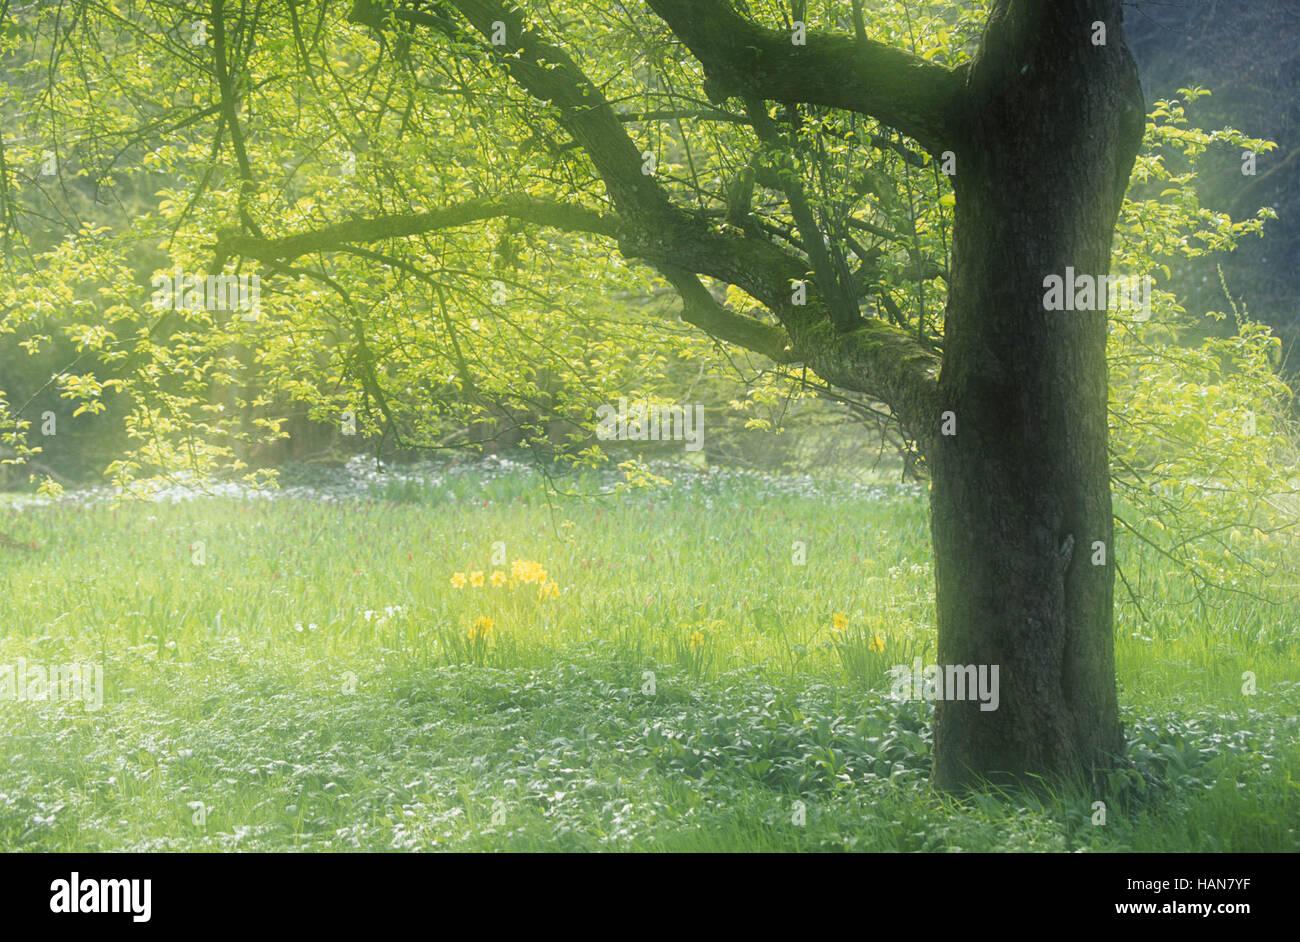 Árbol y narcisos / Baum und Osterglocken Imagen De Stock